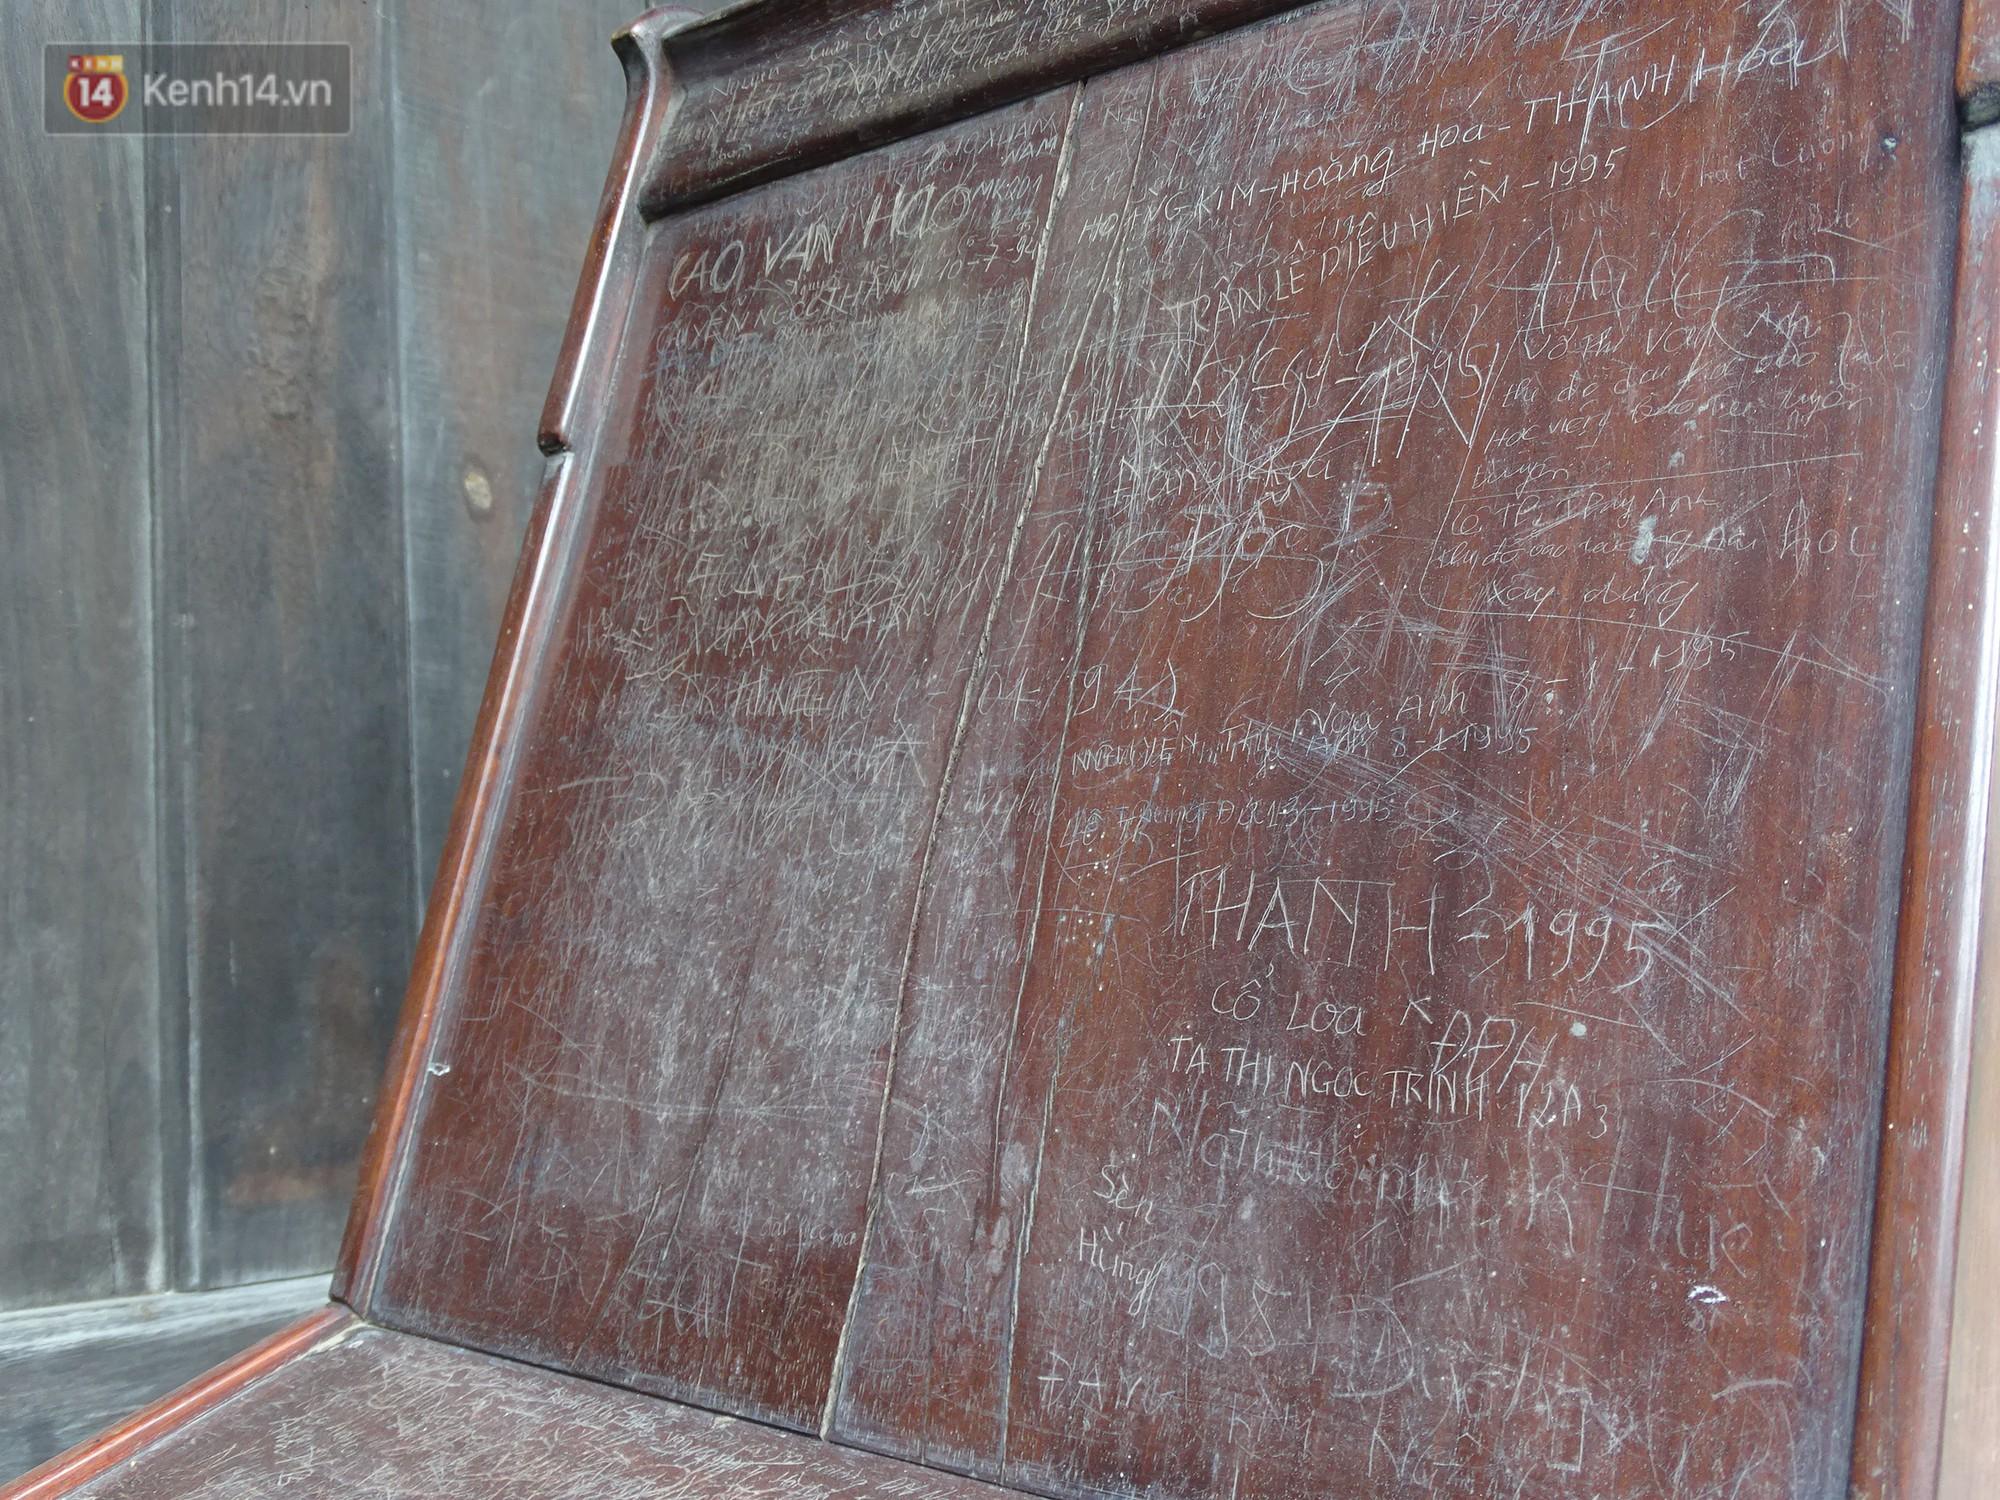 Từ những dòng chữ tiếng Việt tại điểm du lịch nước ngoài đến thói ký tên phản cảm trên di tích ở Hà Nội: Có thể cấm tham quan nếu cố tình tái xâm phạm - Ảnh 5.